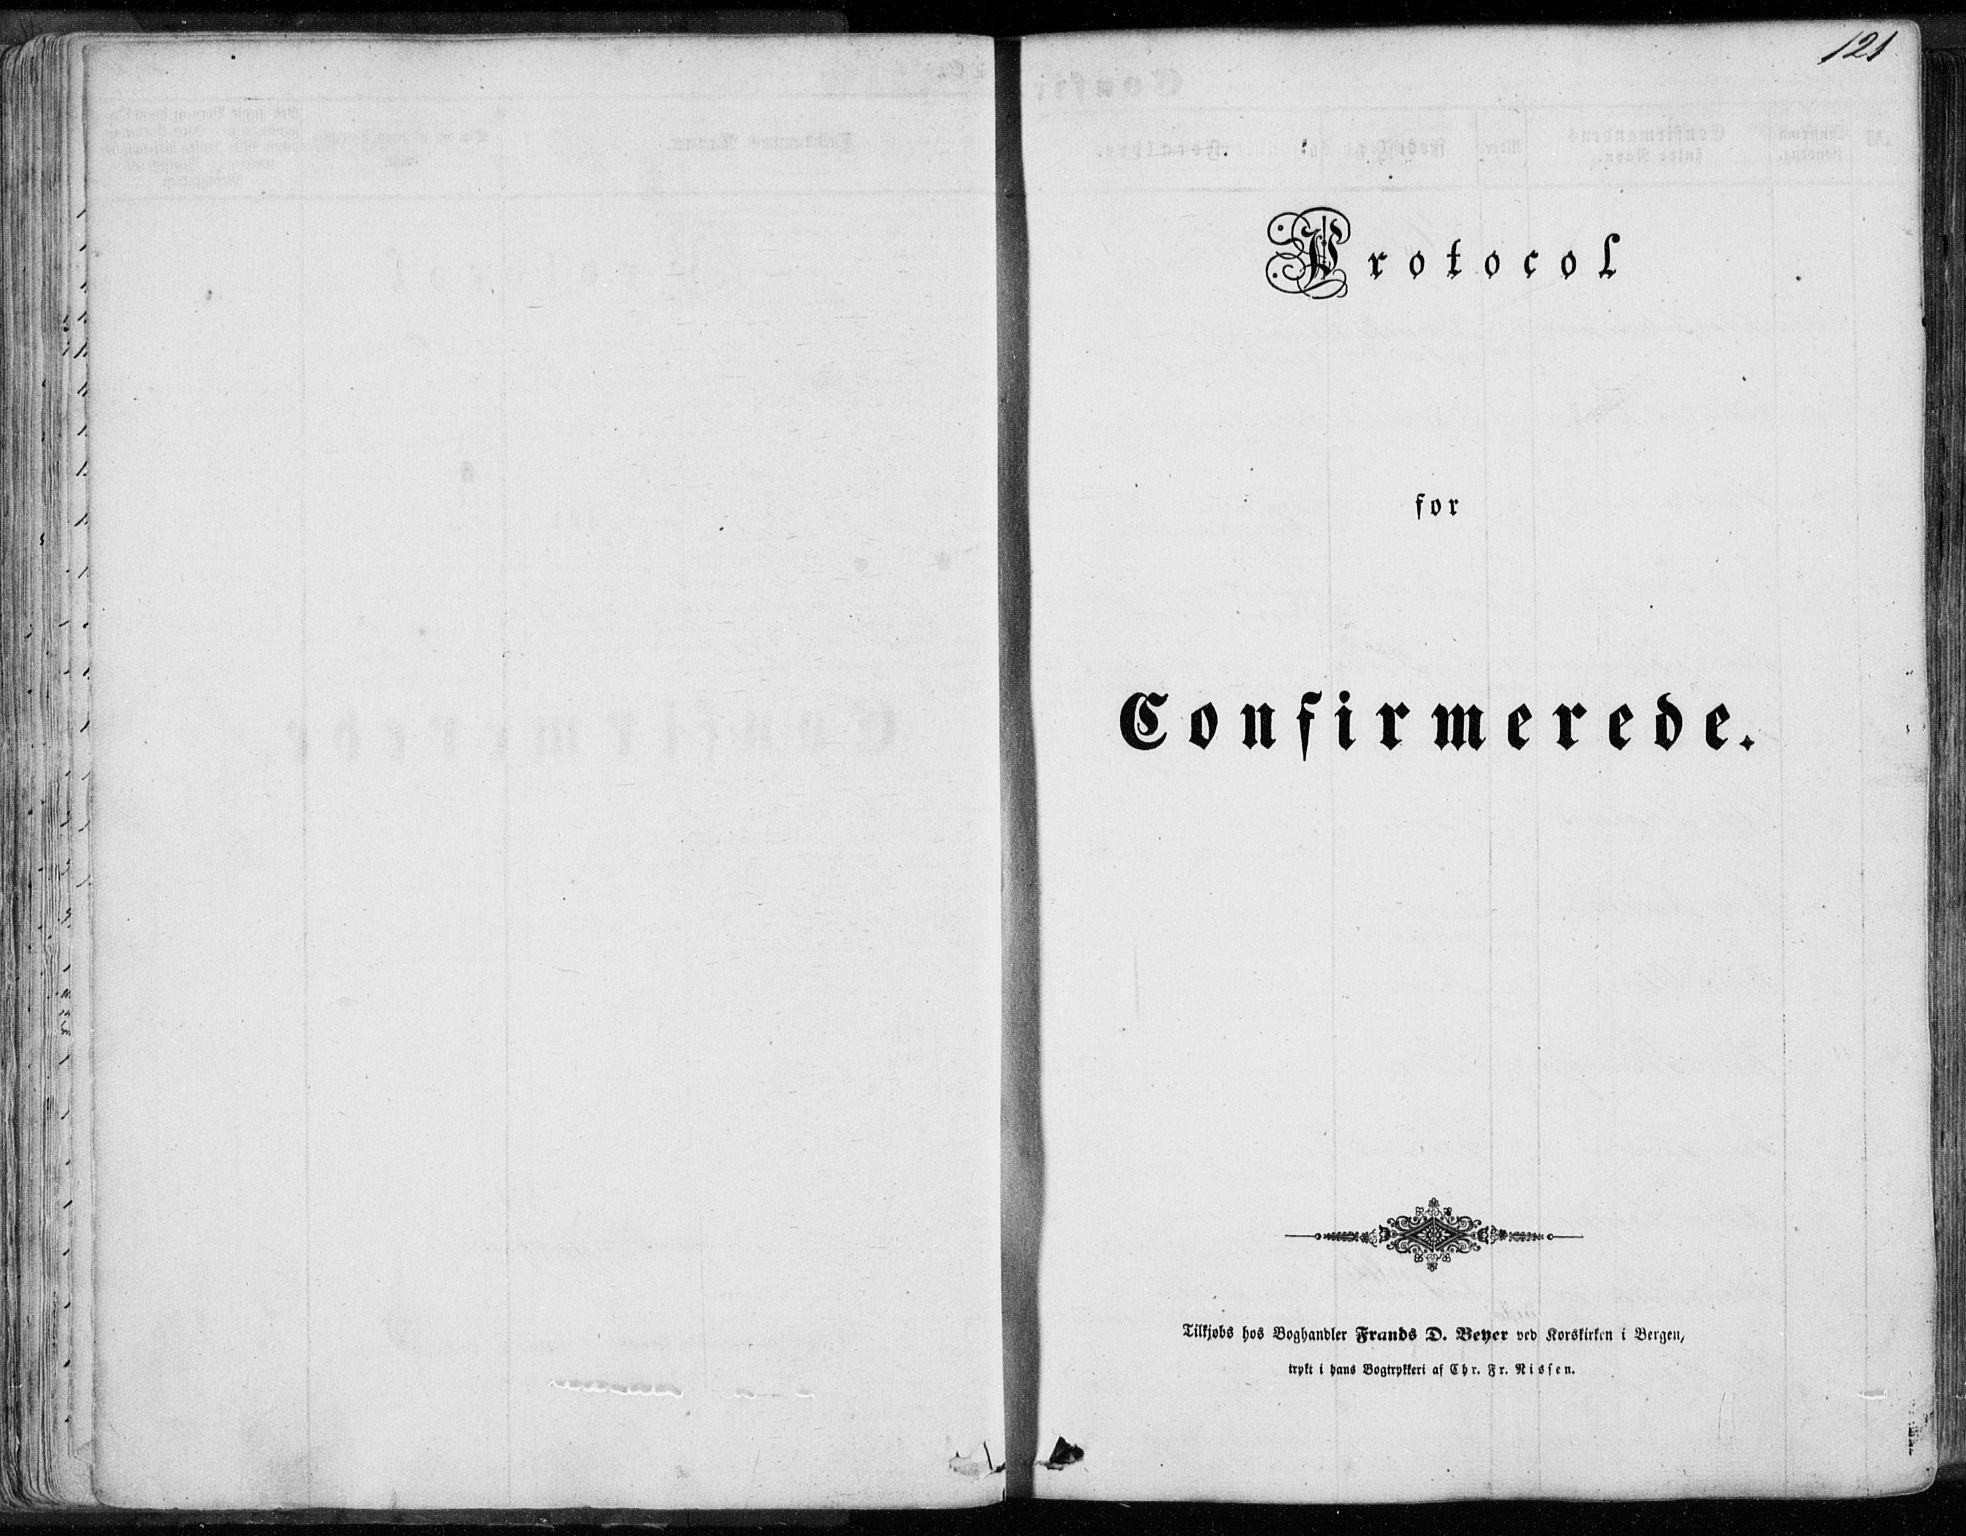 SAB, Sund sokneprestembete, Ministerialbok nr. A 14, 1850-1866, s. 121